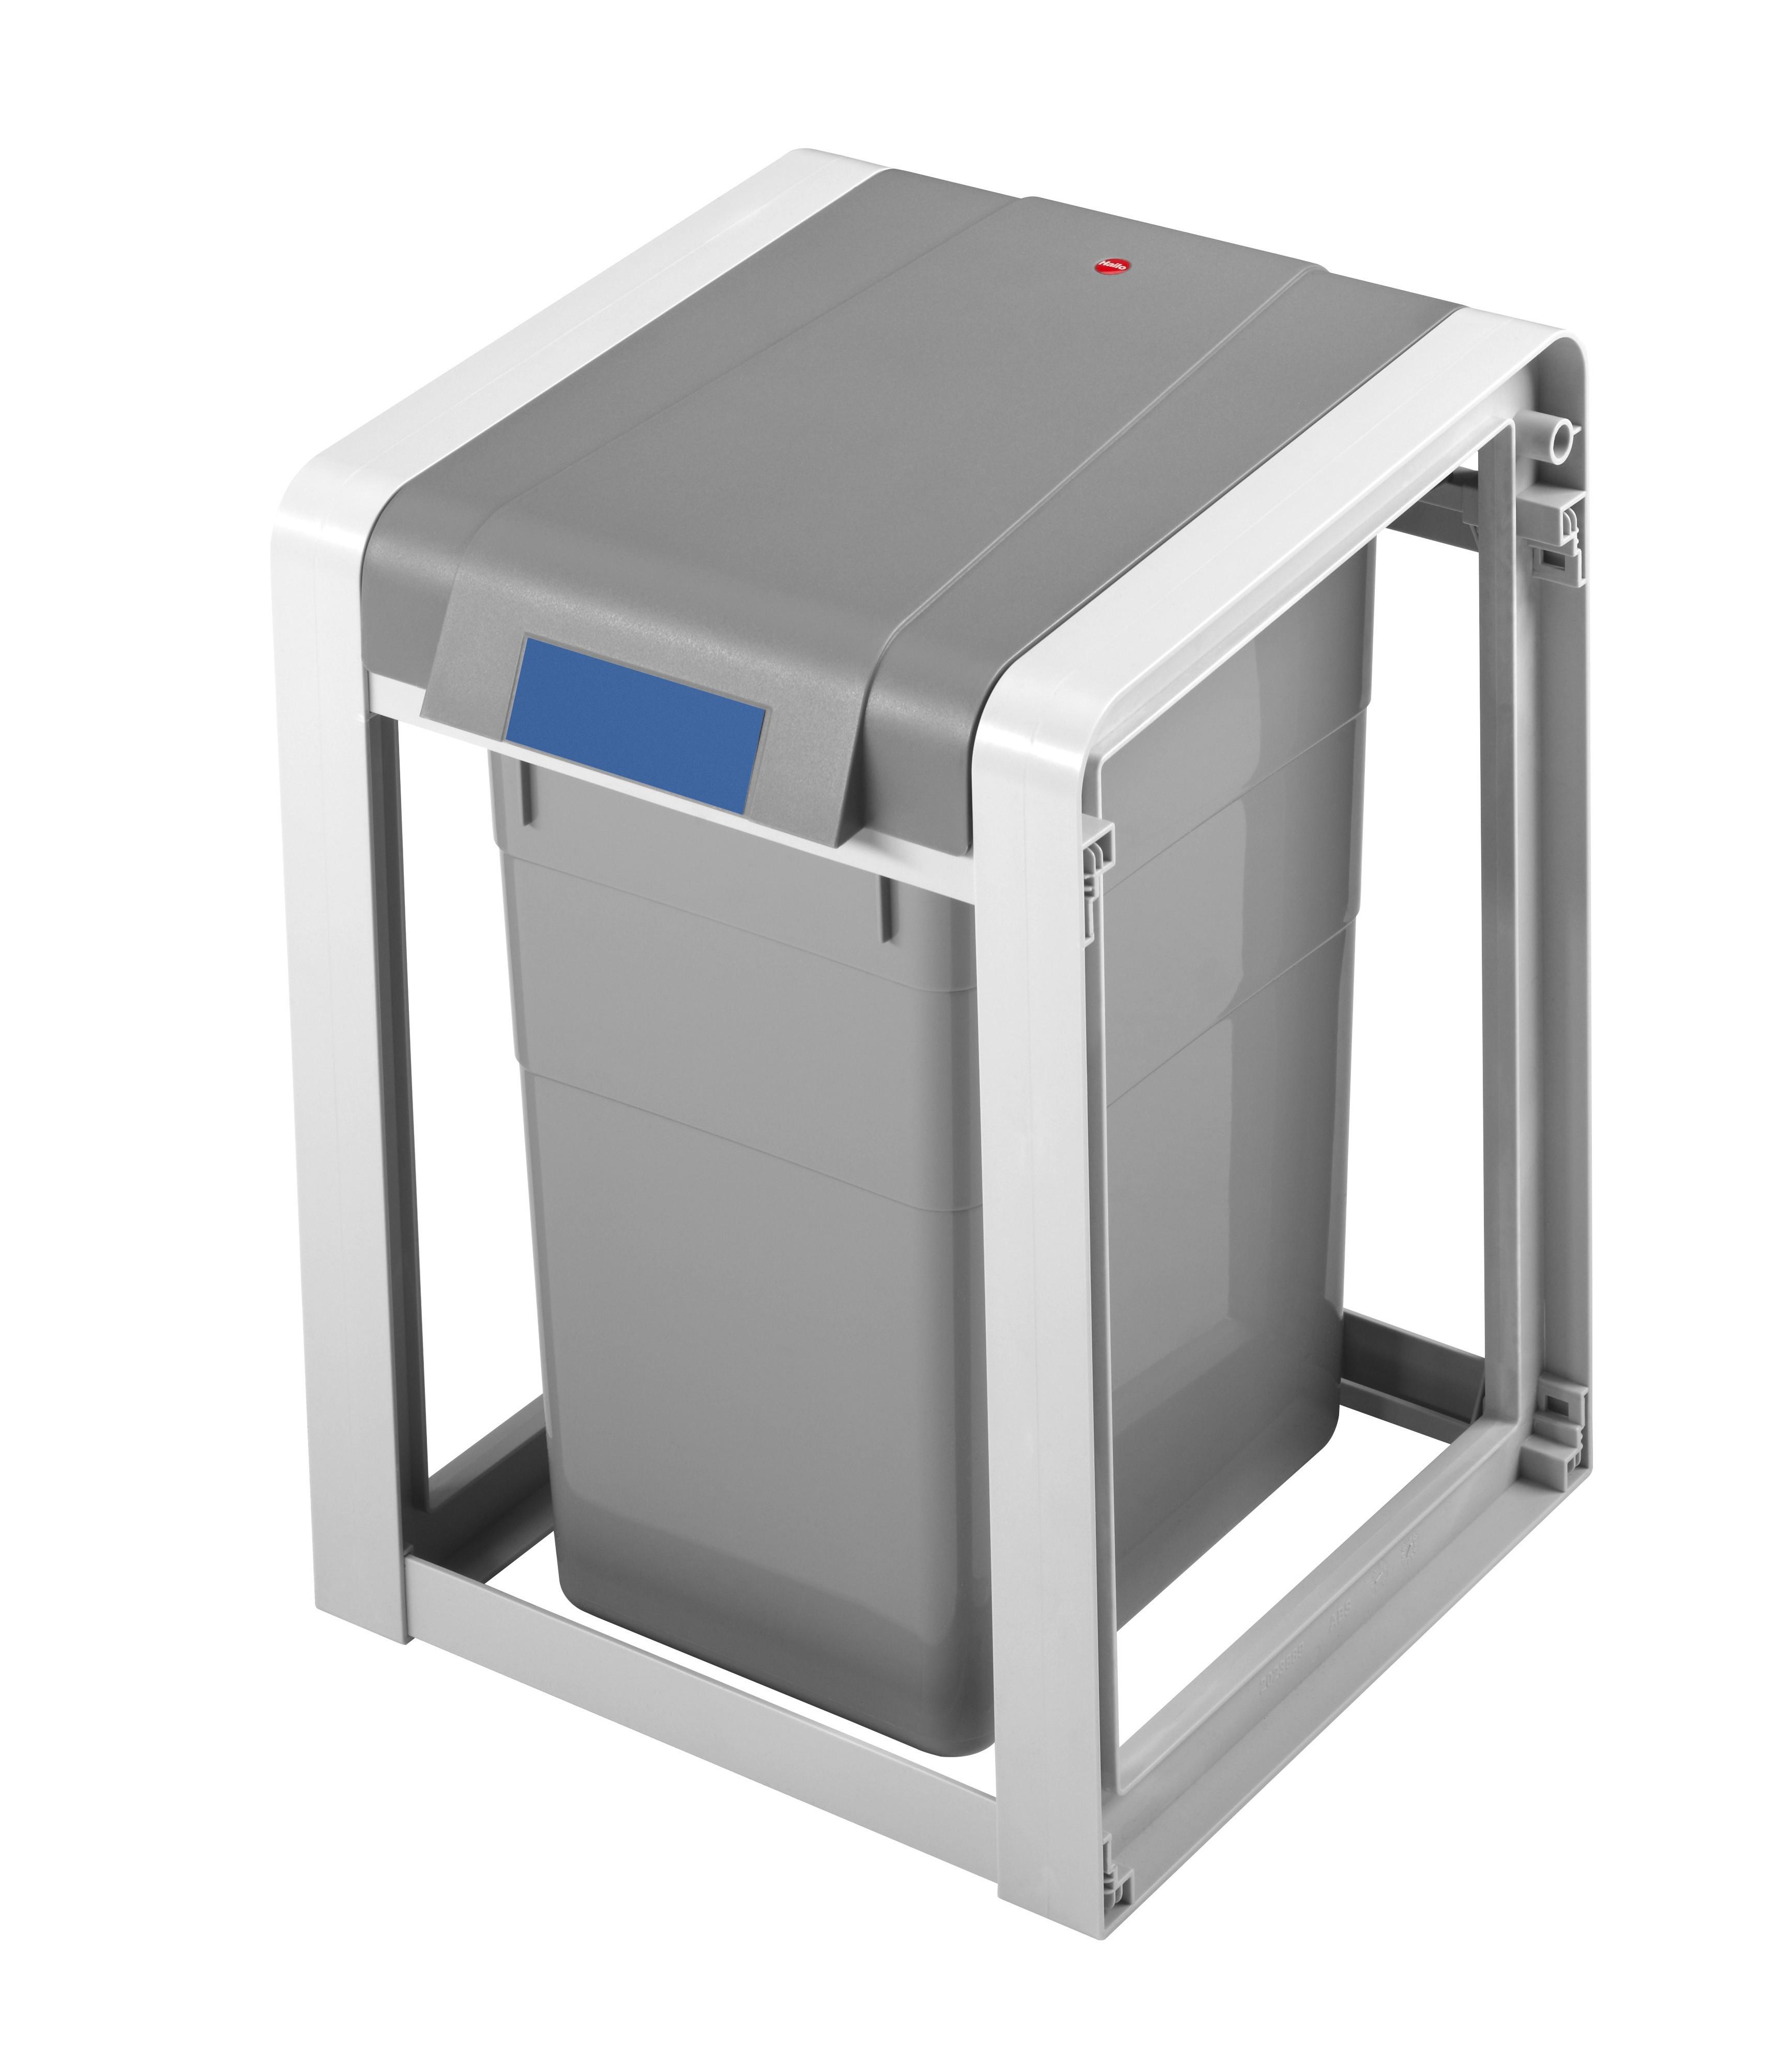 Hailo ProfiLine Öko L, Basiseinheit, Mülltrenn-System, 19 Liter